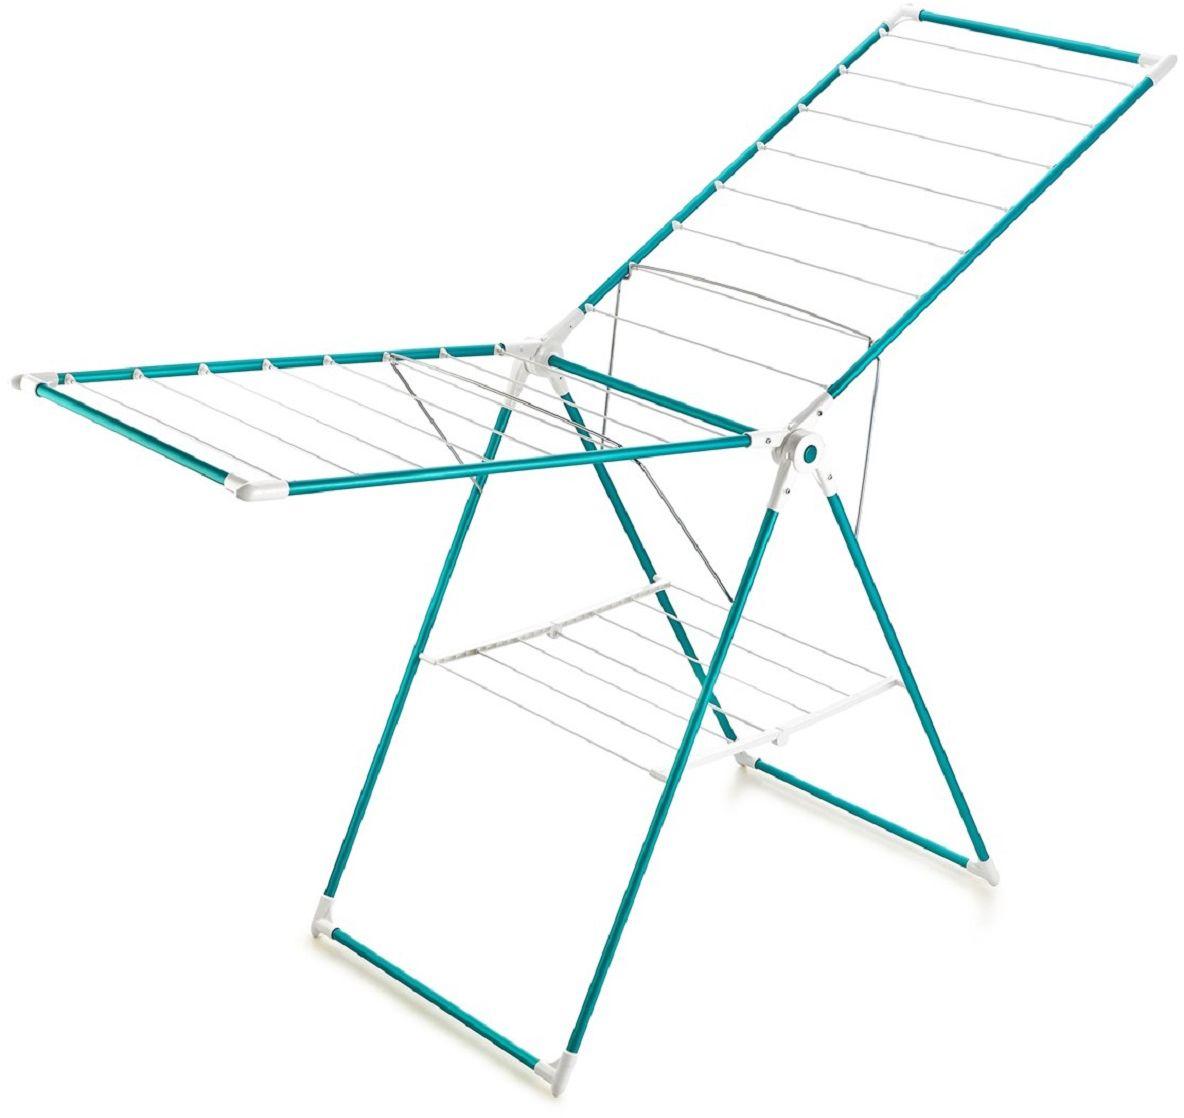 Сушилка для белья Perilla Мега Колор/Mega Color, напольная, 17,5 мKRT57014Сушилка для белья Perilla Мега Колор/Mega Color-Напольная сушилка для белья проста и удобна в использовании, компактно складывается, экономя место в вашей квартире. Сушилку можно использовать на балконе или дома.Она оснащена складными створками для сушки одежды во всю длину, а также имеет специальные пластиковые крепления в основе стоек, которые не царапают пол. Полезная длина сушильного полотна 17,5 м.Вакуумная упаковка.